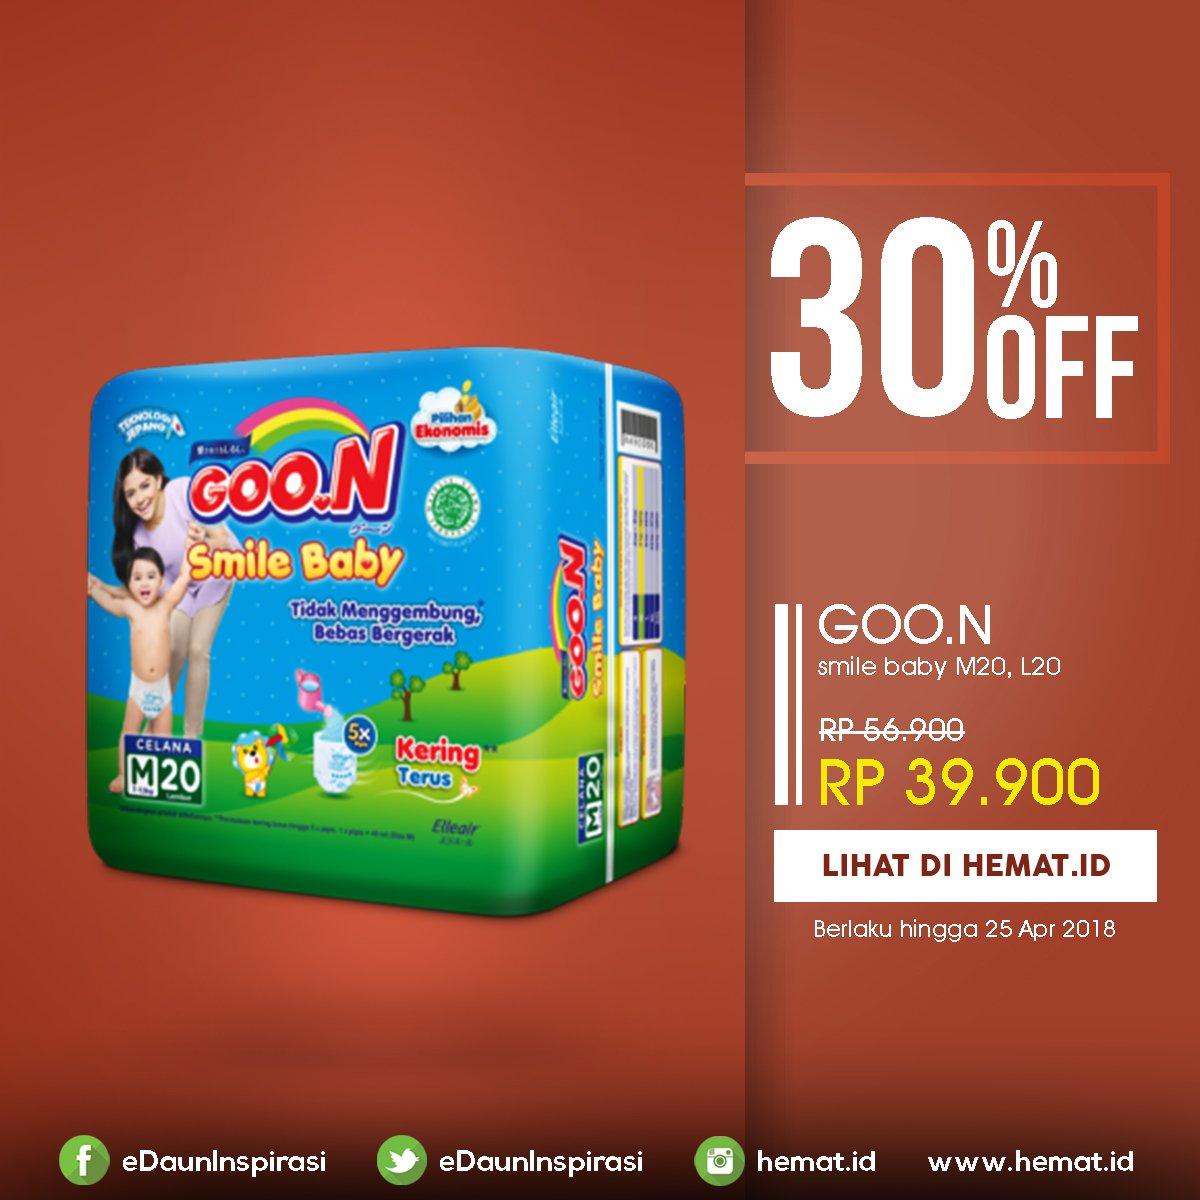 Goon Smile Baby Pants L 20 Daftar Harga Terlengkap Indonesia L30 N Https Hematid